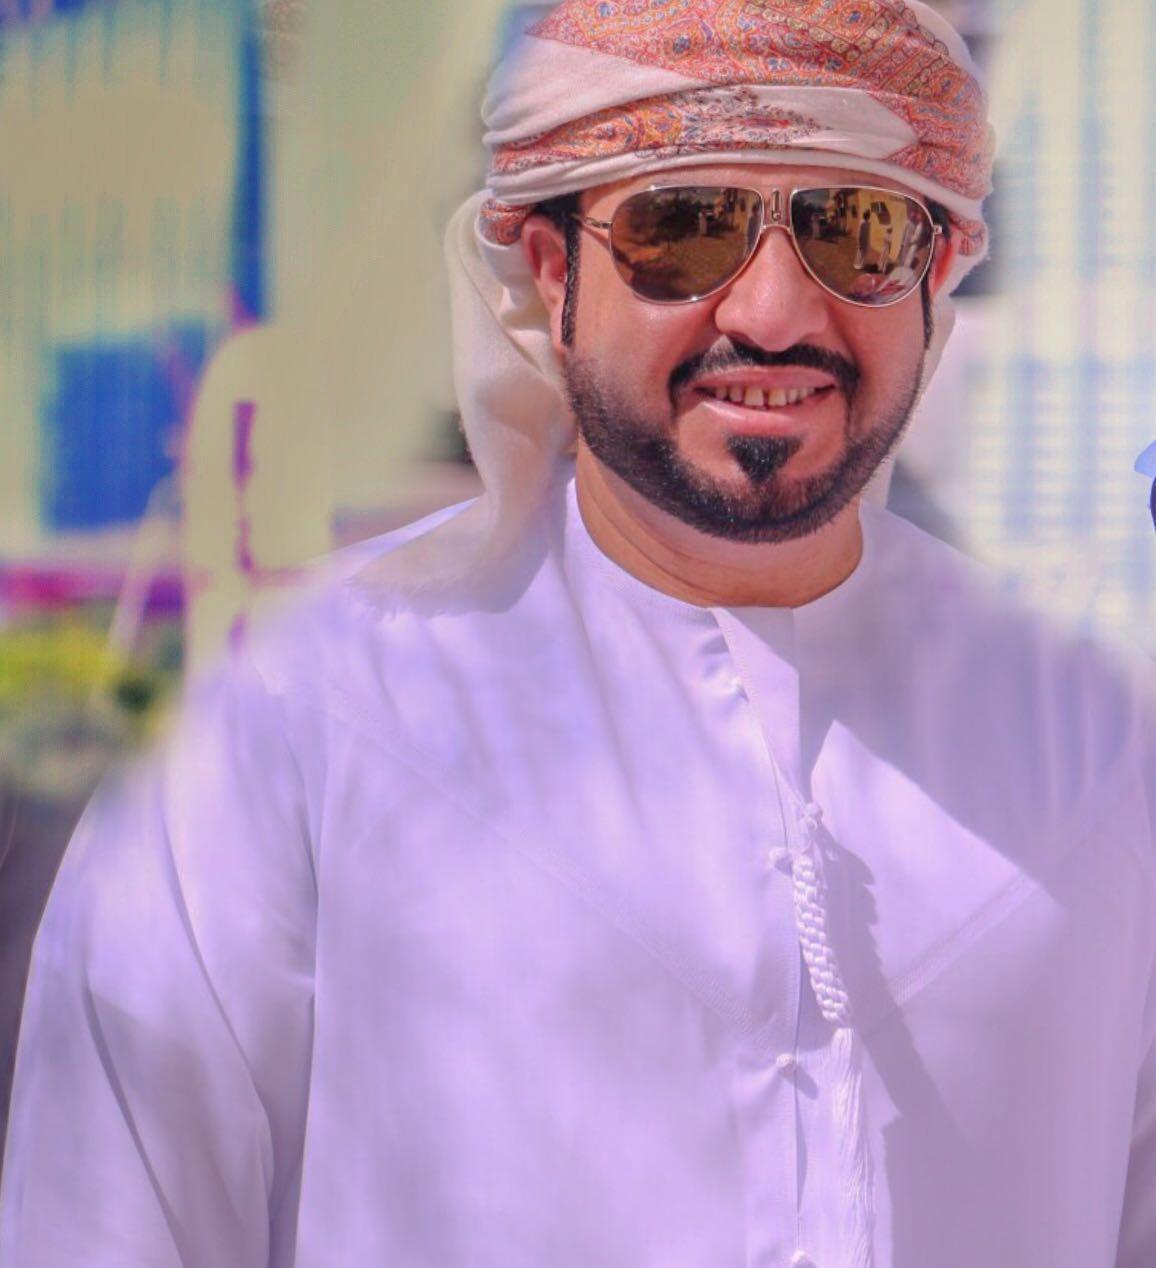 سعيد الكعبي للشبيبة: امتلك أكثر من 2000 عمل ومهرجان الأغنية العمانية لا يراني